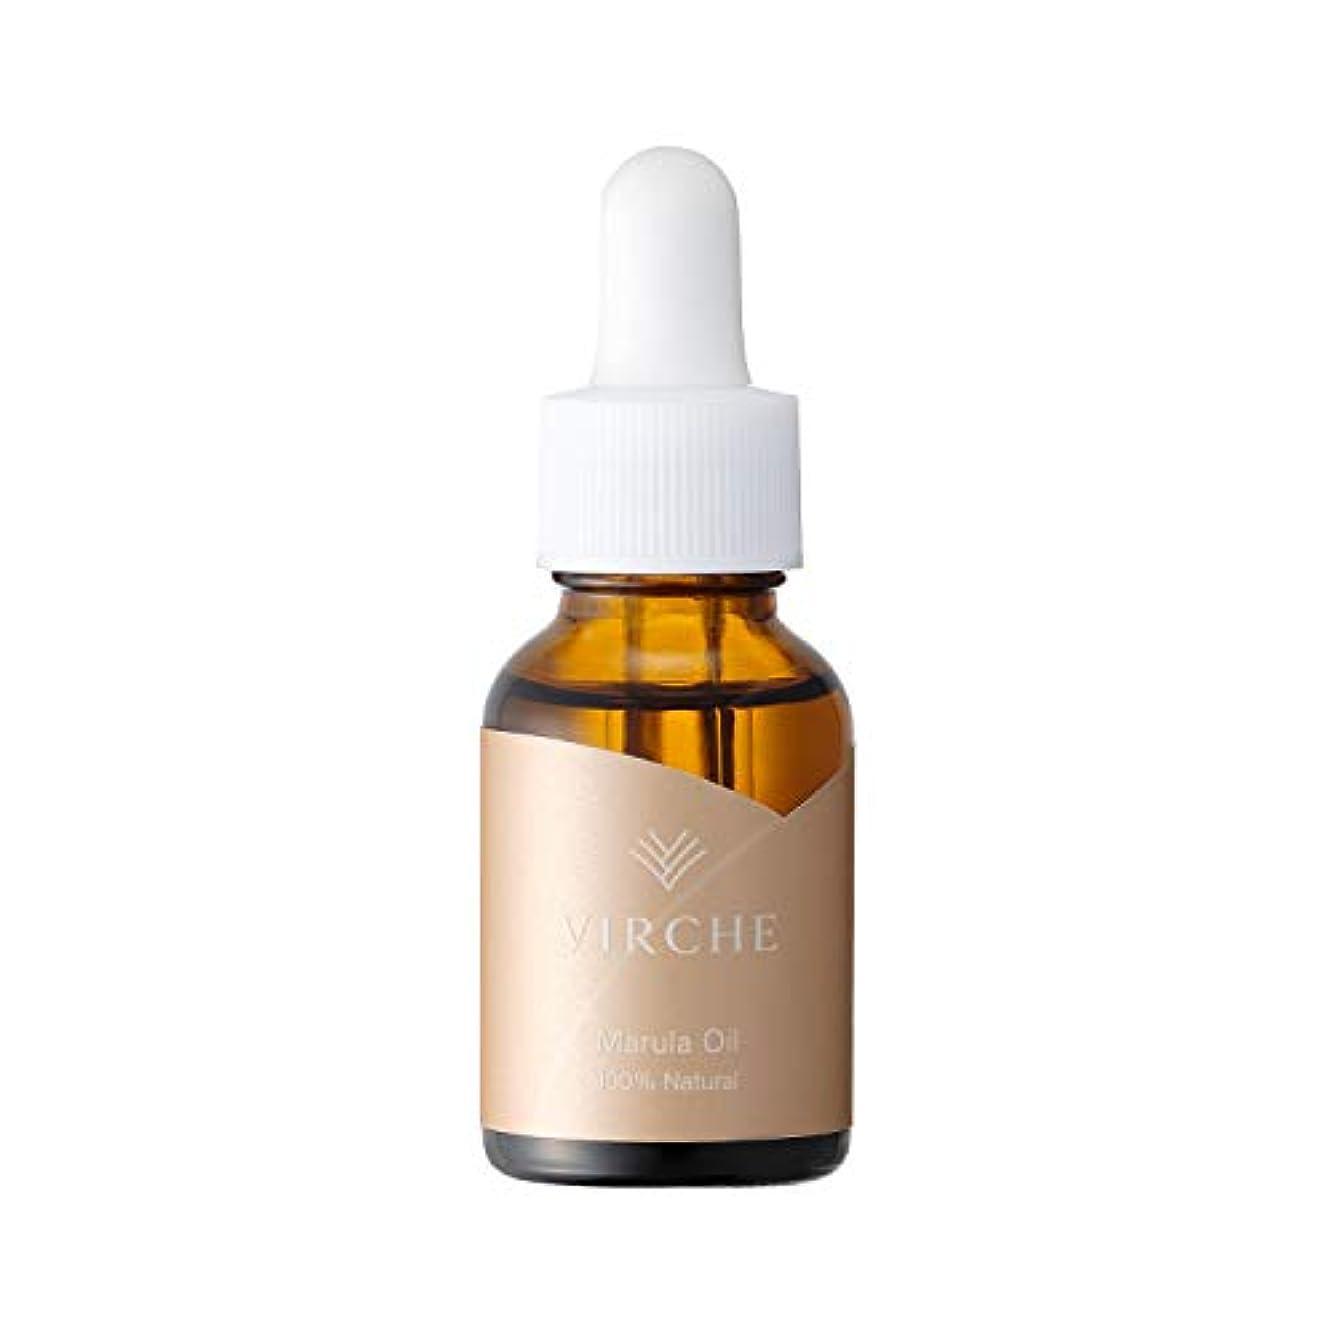 野球エゴイズム一見マルラオイル(Marula Oil)国内で品質管理/無香料/防腐剤、香料、着色料すべて無添加の美容オイル/18ml(髪など全身に使えて約30日分)